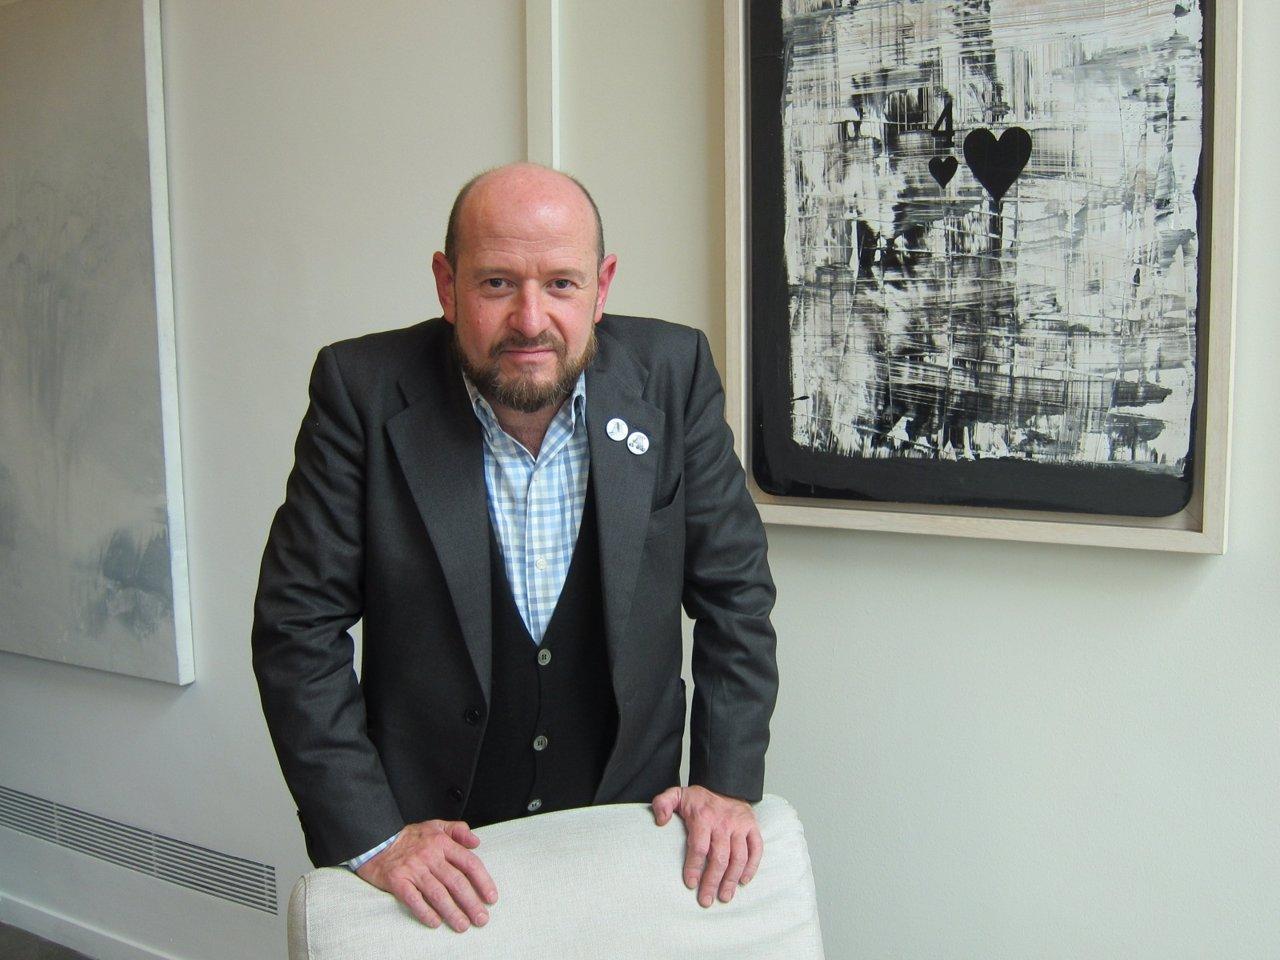 El direcrtor de ARCOmadrid, Carlos Urroz